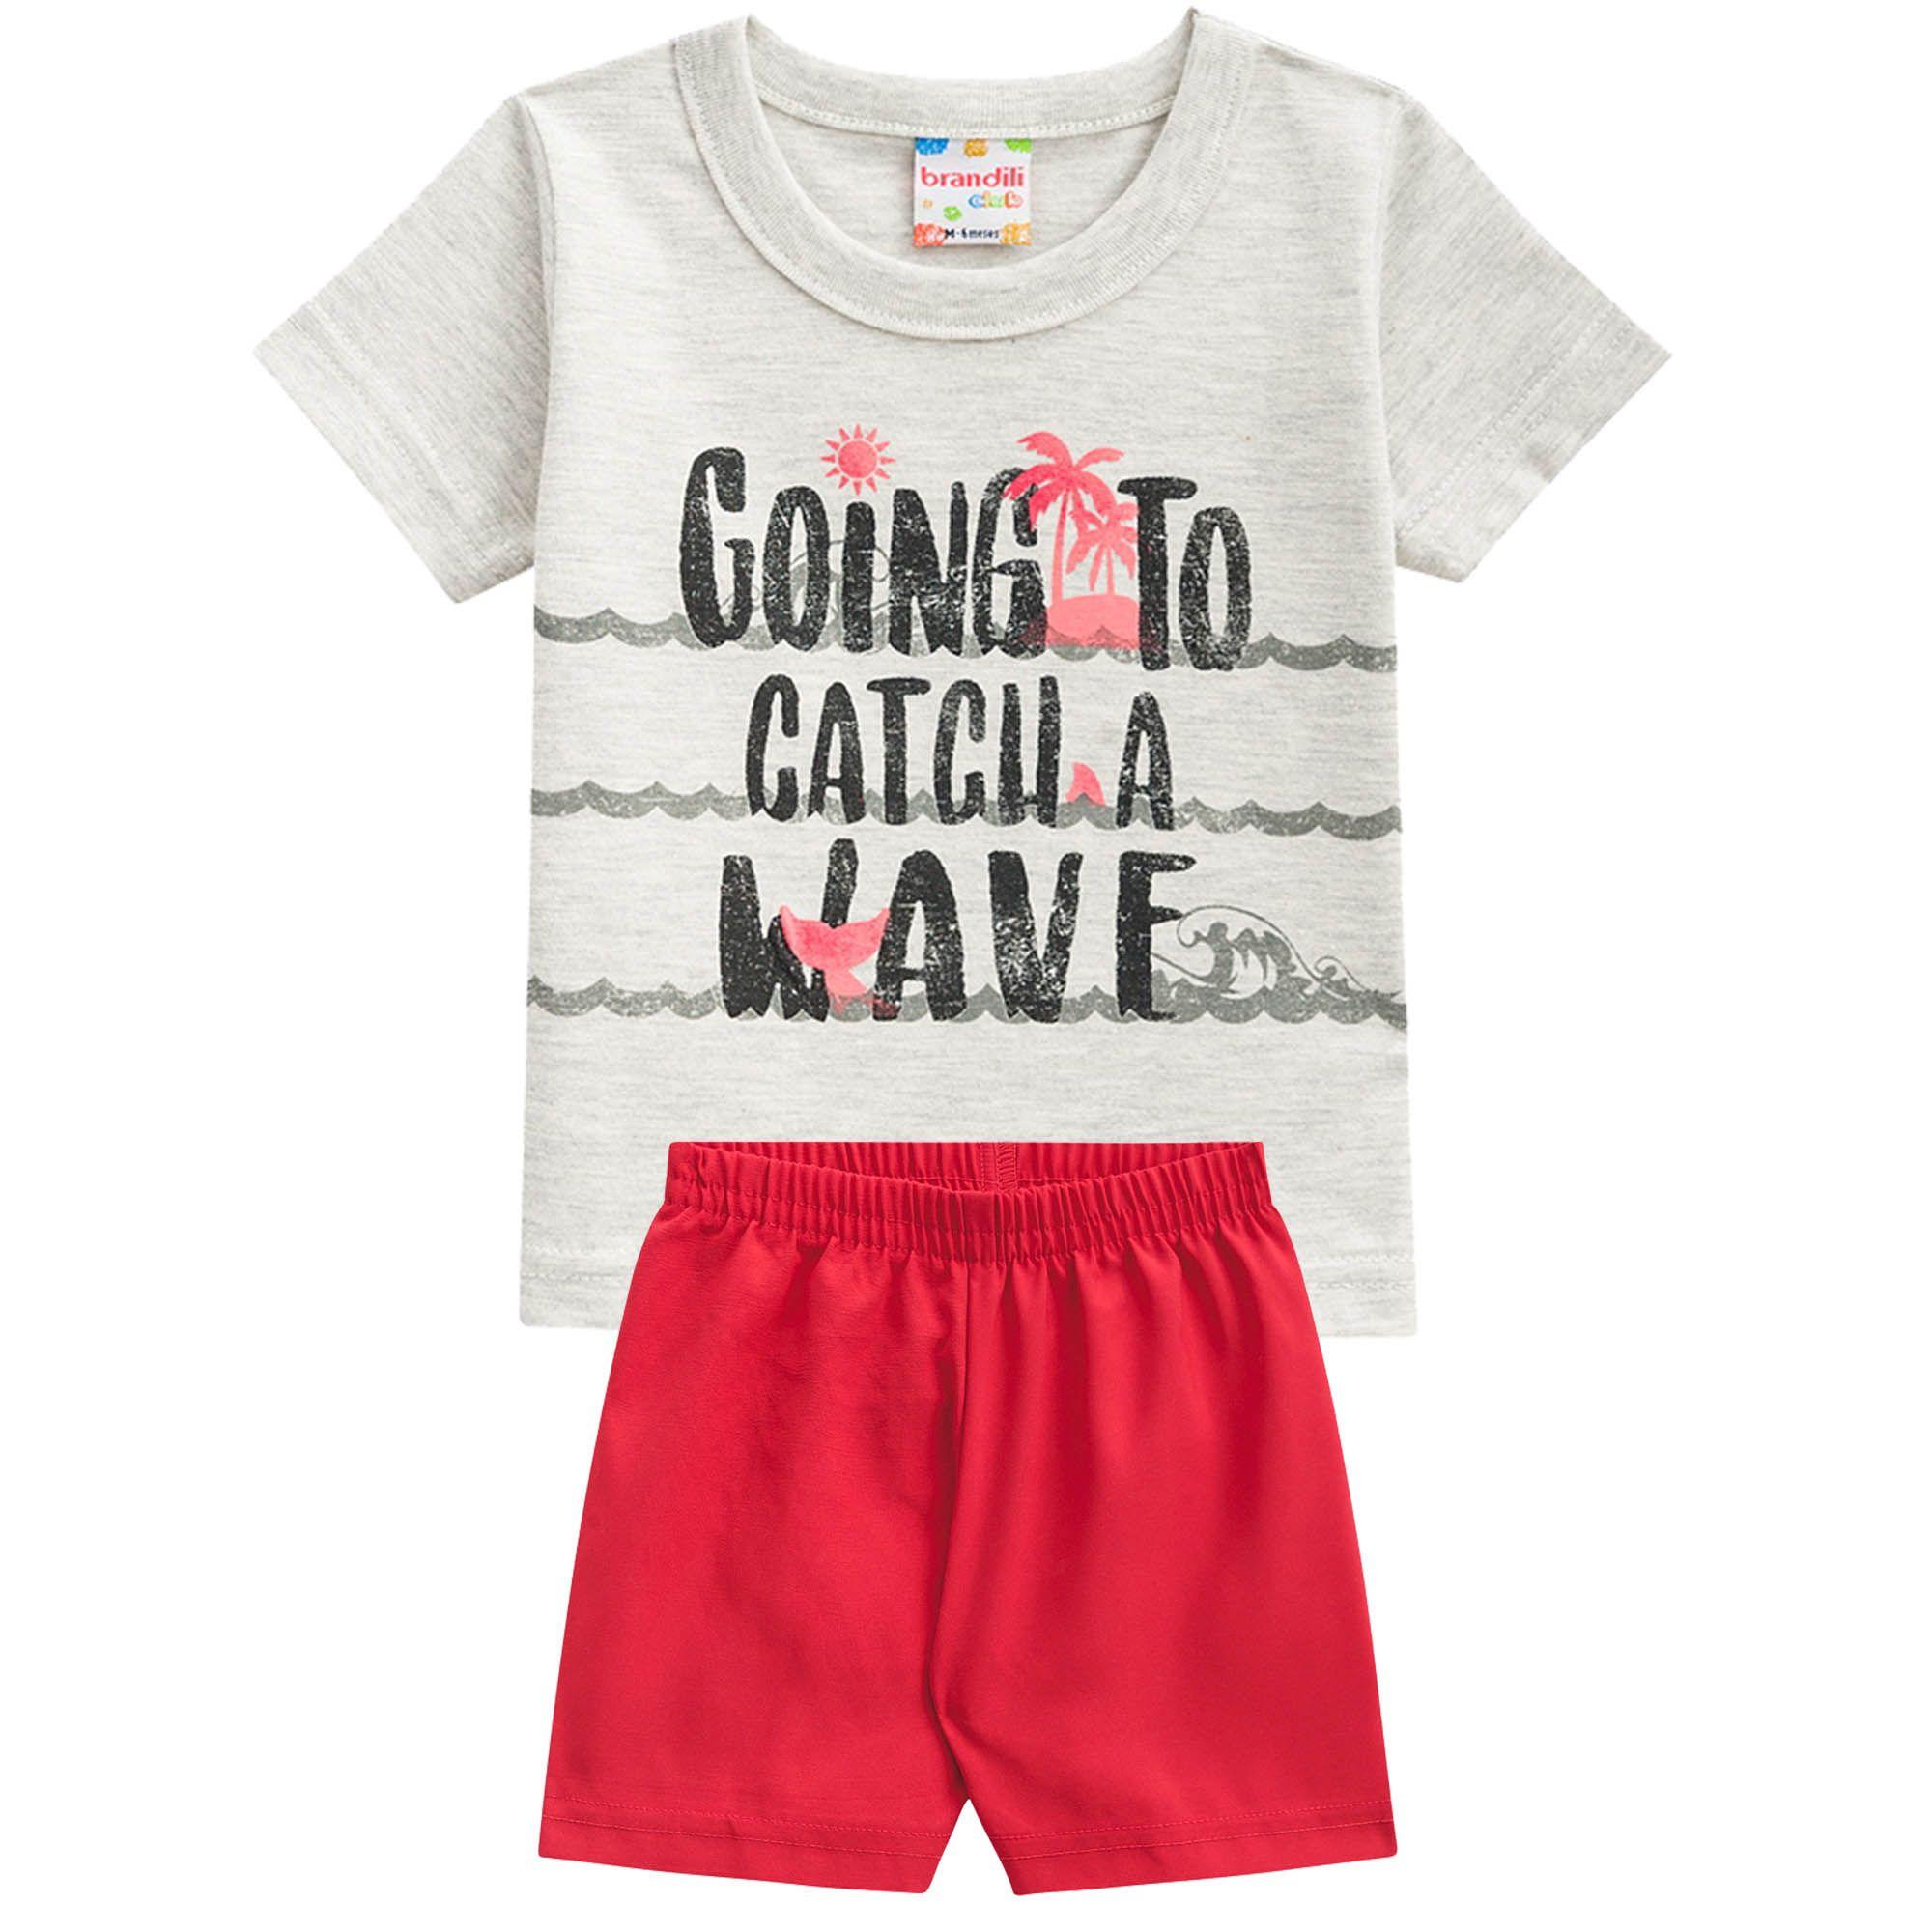 Conjunto Verão Brandili Camiseta Club Going To Catch a Wave com Bermuda Microfibra - P ao G